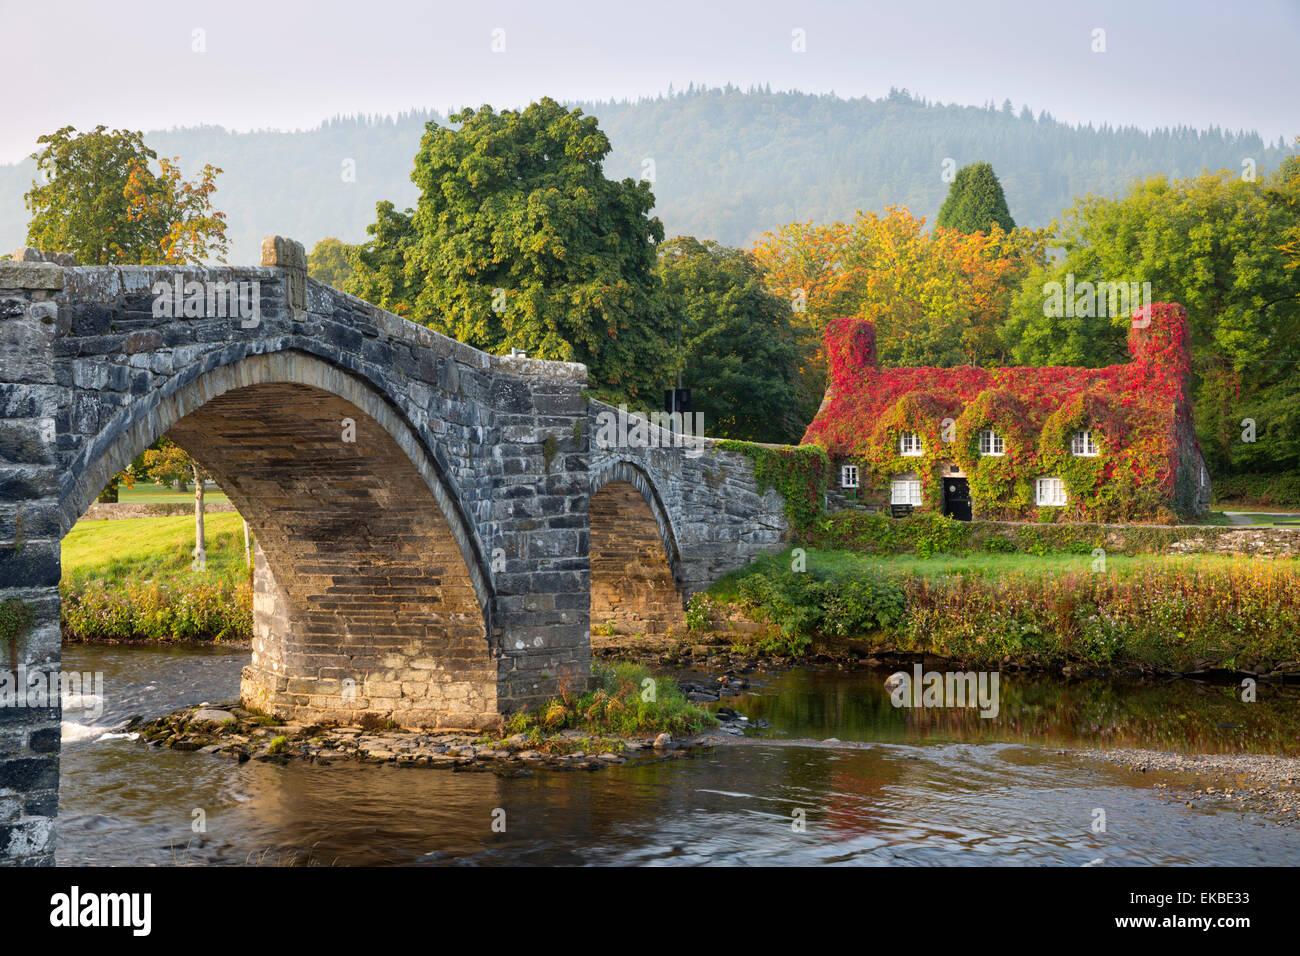 Tu Hwnt i'r Bont tearoom and Pont Fawr (Big Bridge) in autumn, Llanrwst, Snowdonia, Conwy, Wales, United Kingdom, - Stock Image